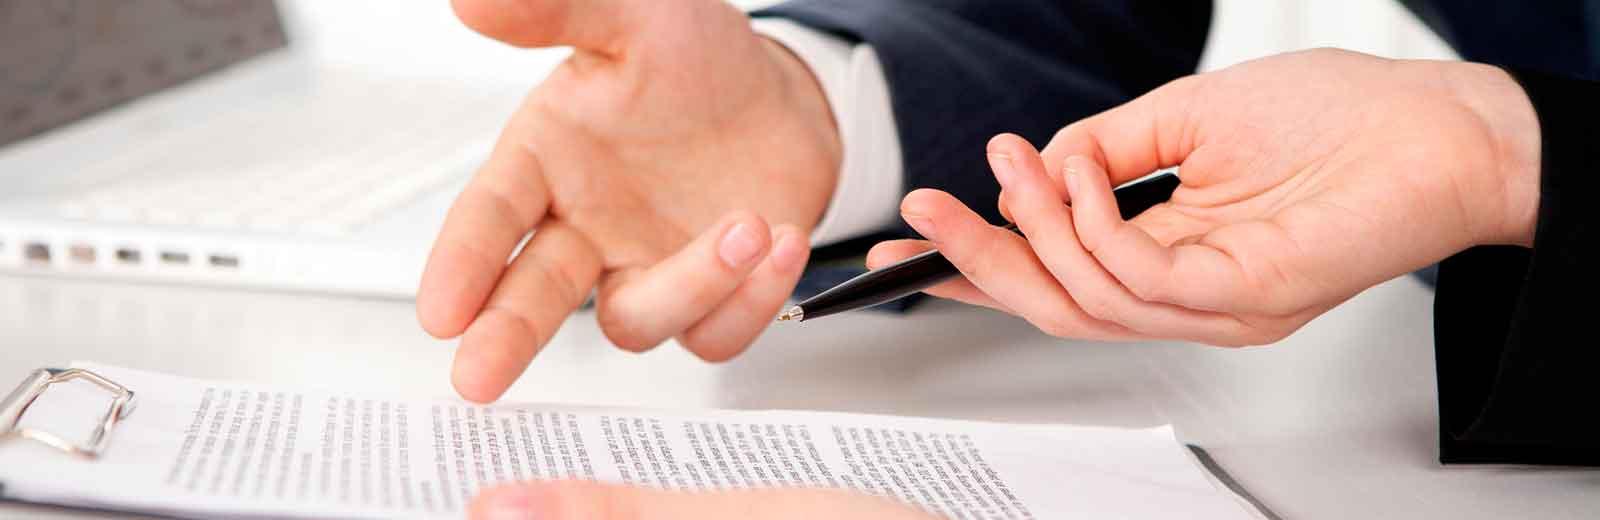 Gestió administrativa per a la construcció d'una casa passiva